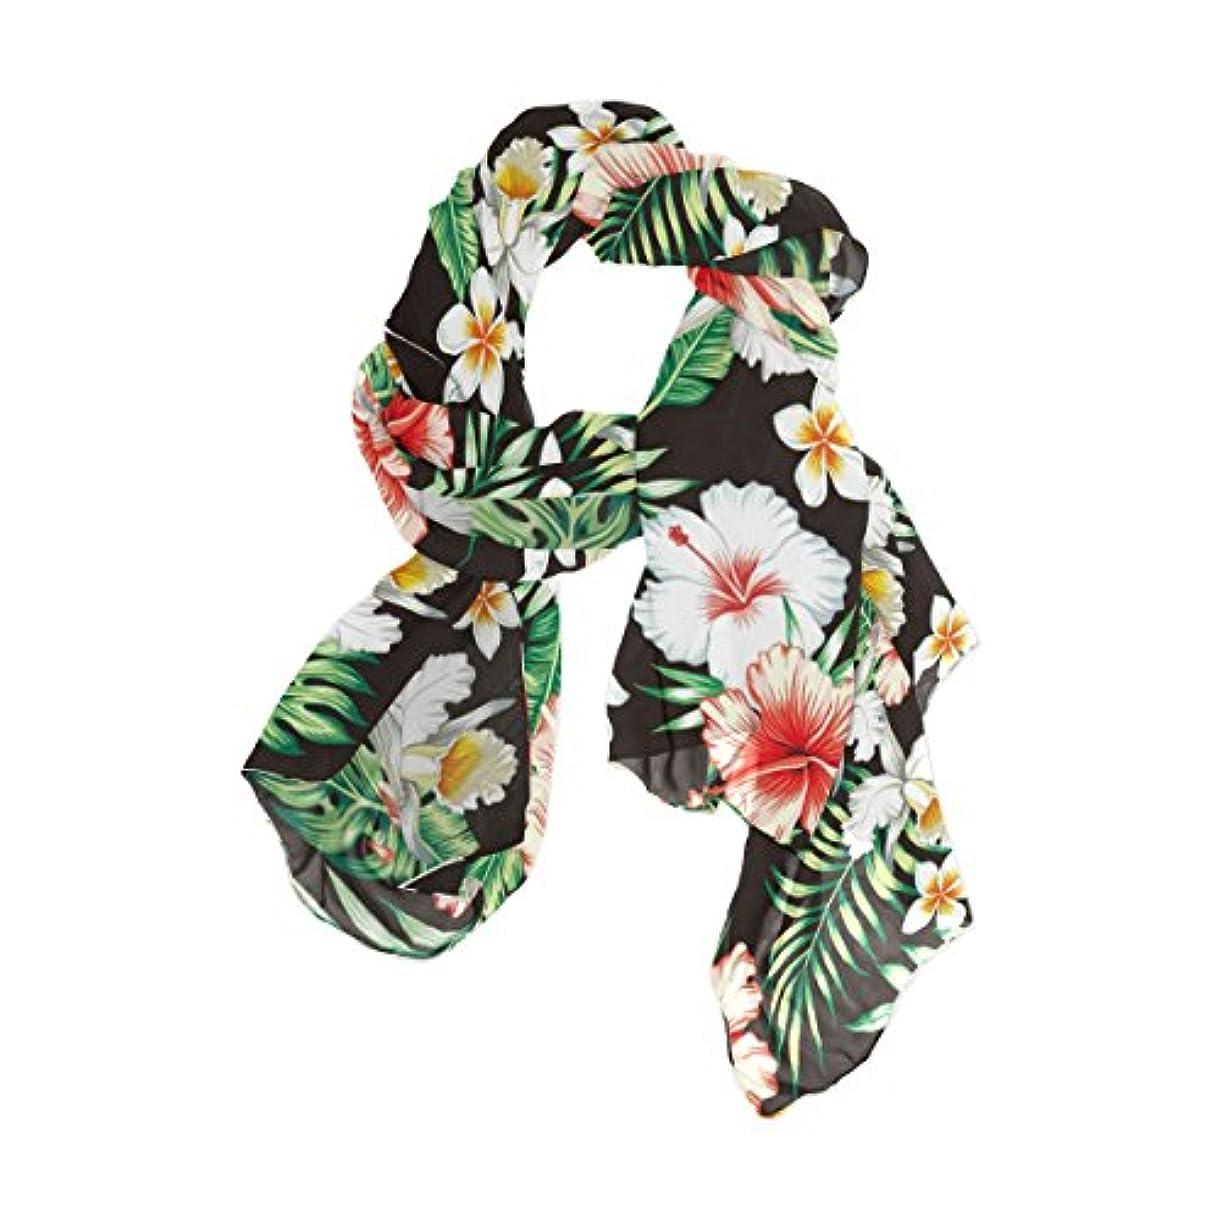 狂乱塊アプライアンスユサキ(USAKI) ストール レディース 春夏 大判 UVカット 冷房対策 スカーフ シルク 肌触り ショール パーティー 90×180cm 熱帯 花柄